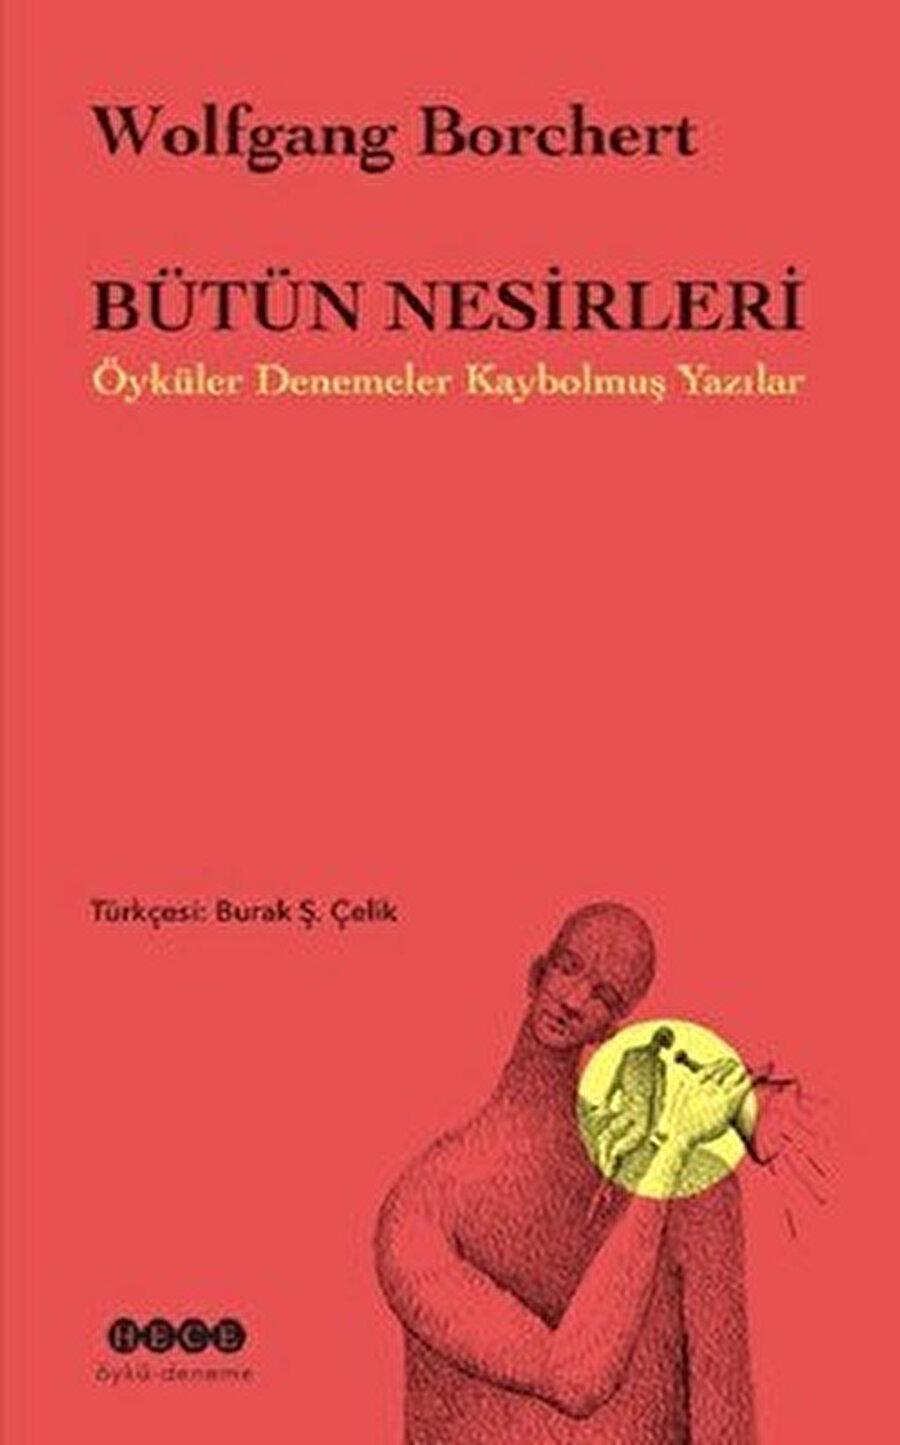 Bütün Nesirleri; Öyküler Denemeler Kaybolmuş Yazılar, Wolfgang Borchert, Çev: Burak Ş. Çelik, Hece Yayınları